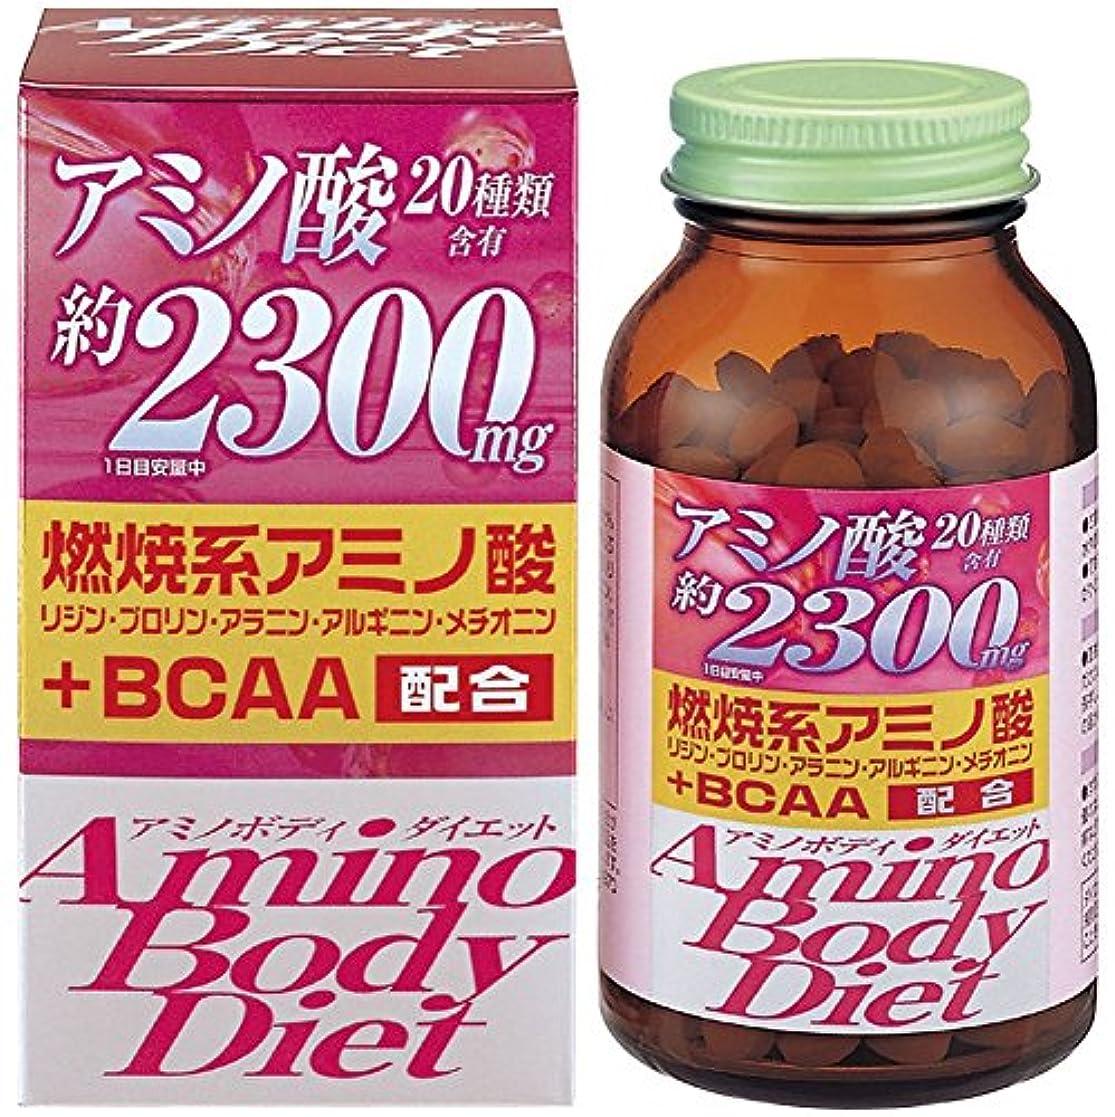 添加剤表現活性化アミノボディダイエット粒 300粒×(5セット)